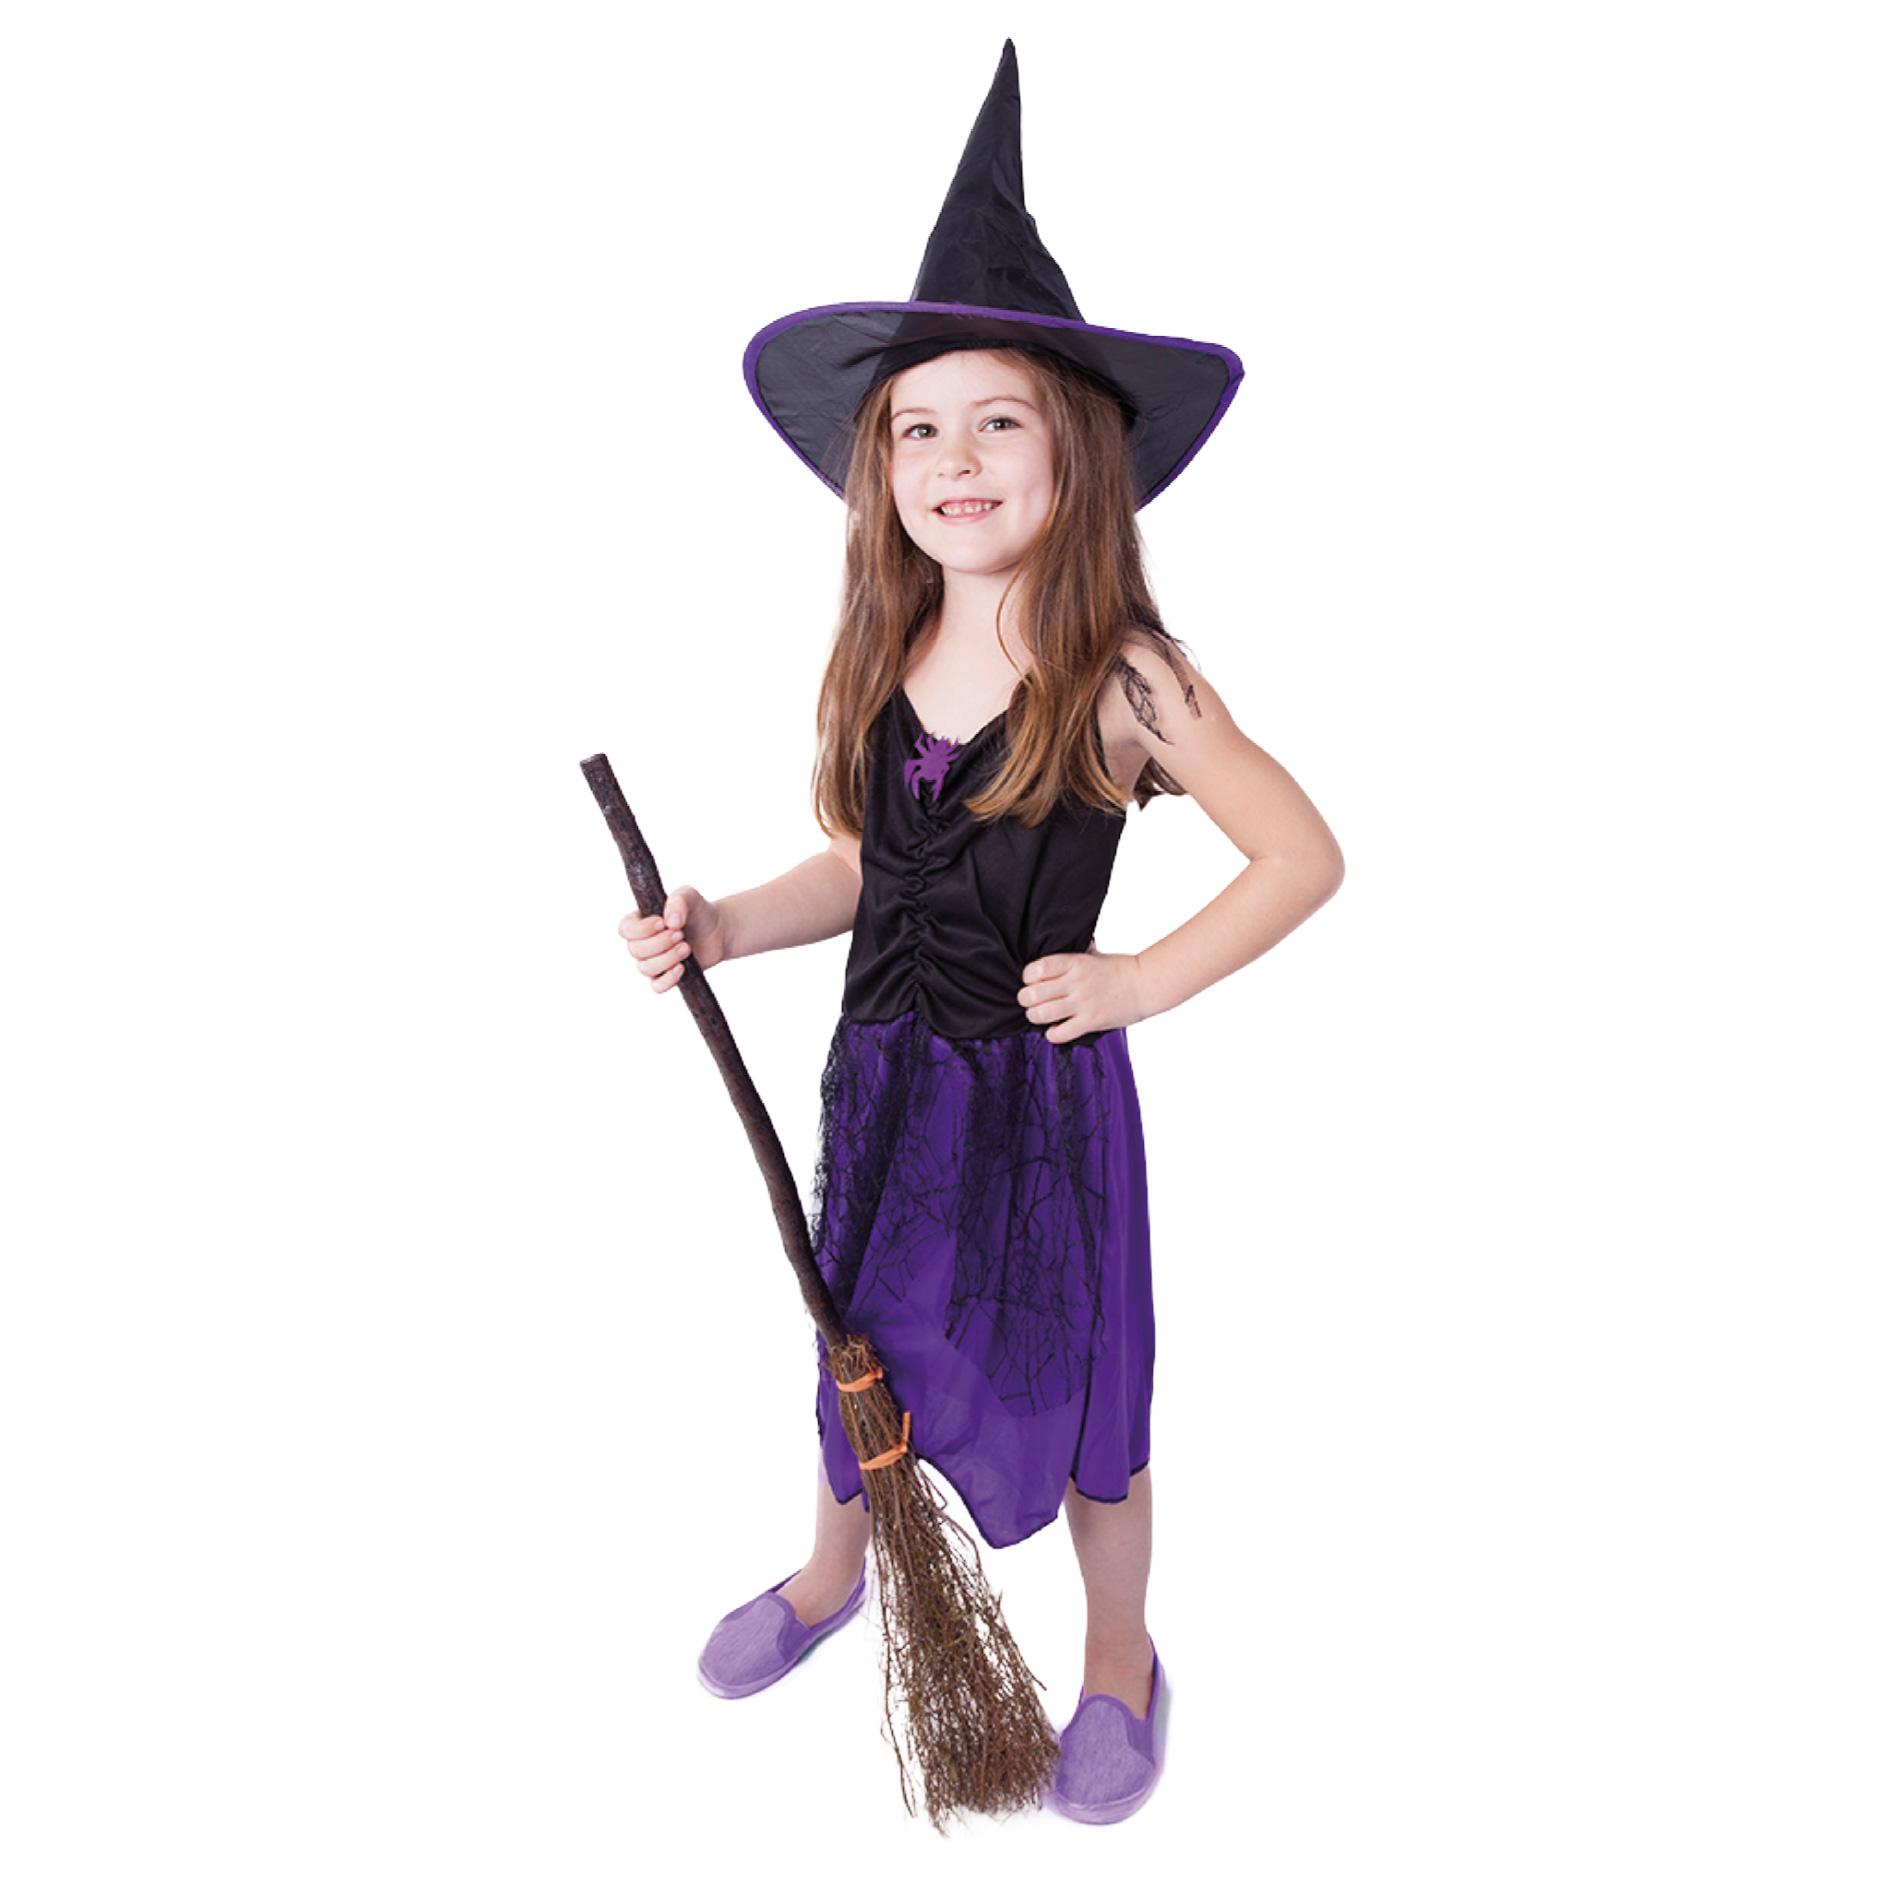 Dětský kostým fialový s kloboukem čarodějnice/Halloween (S)